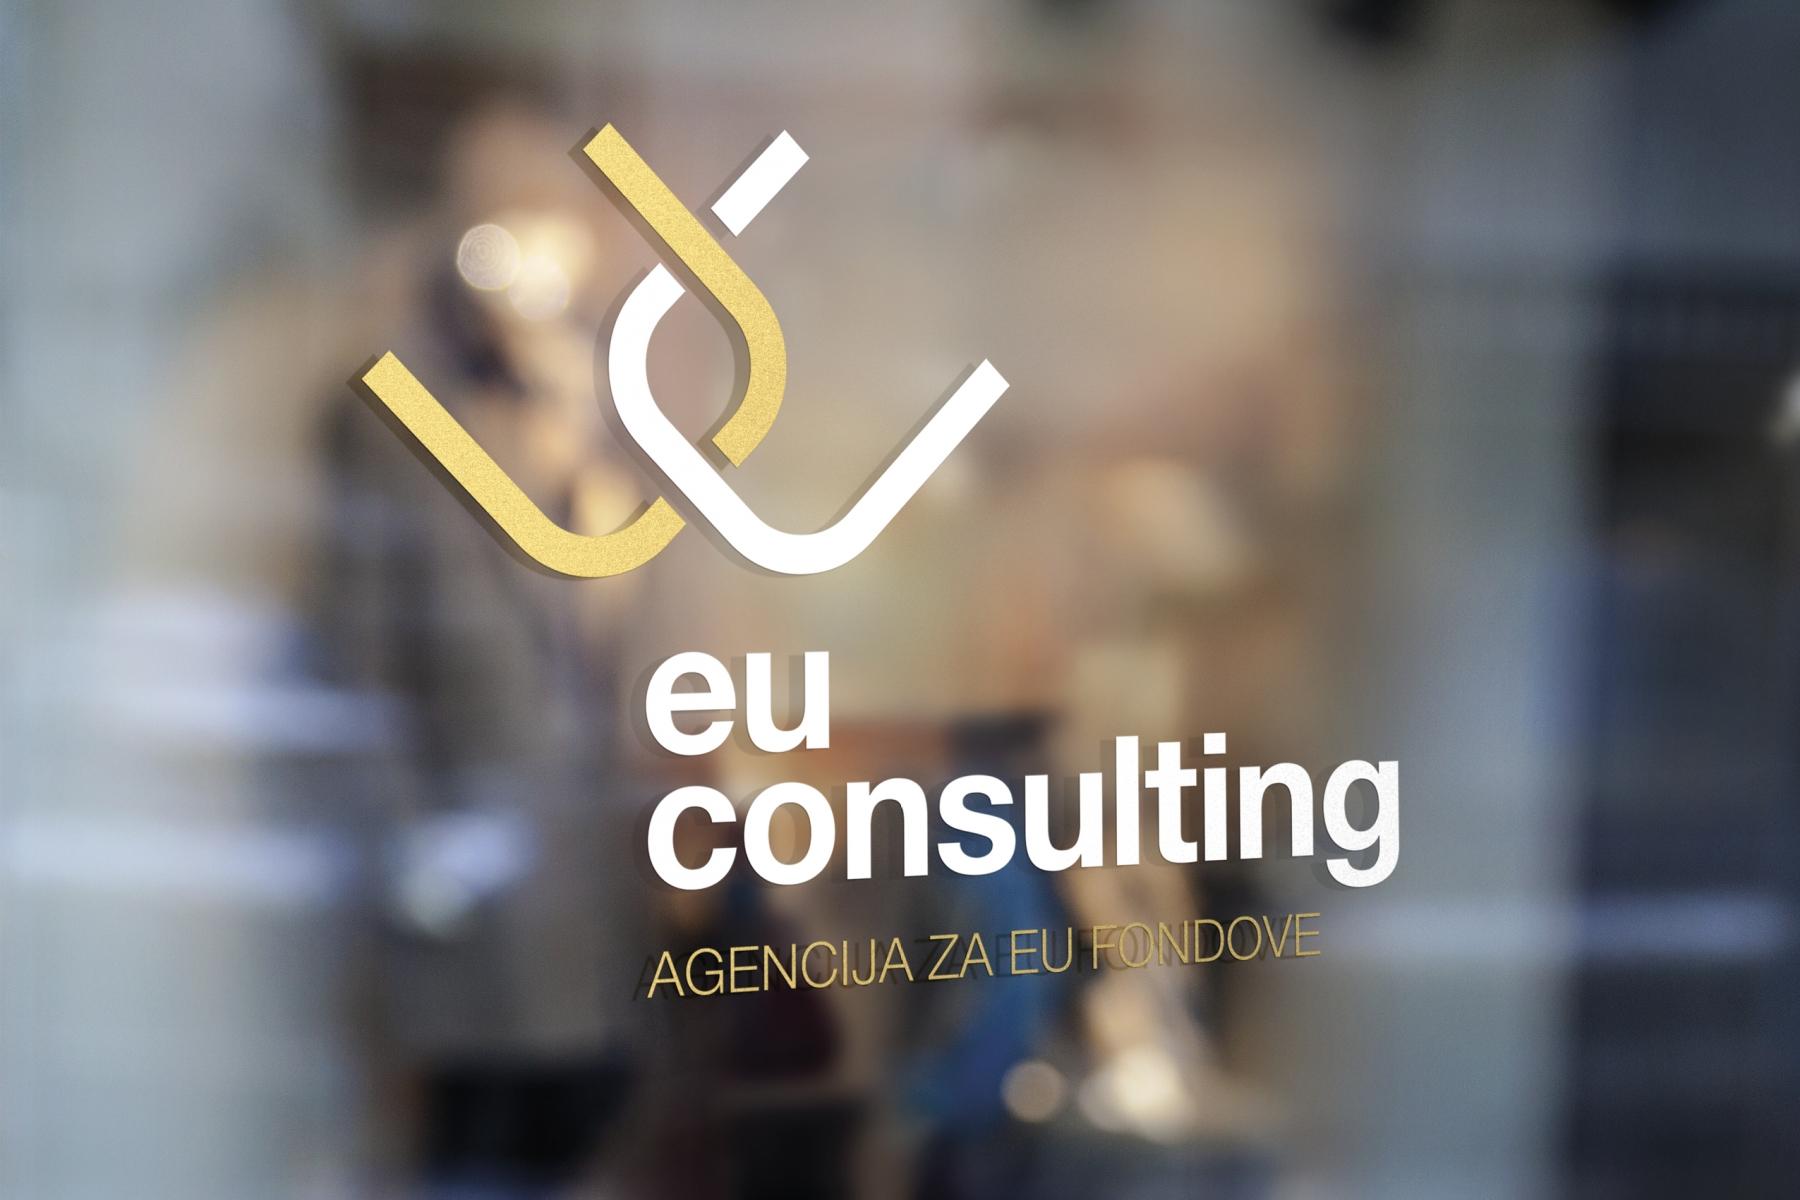 Vizualni identitet agencije za EU fondove javni poziv